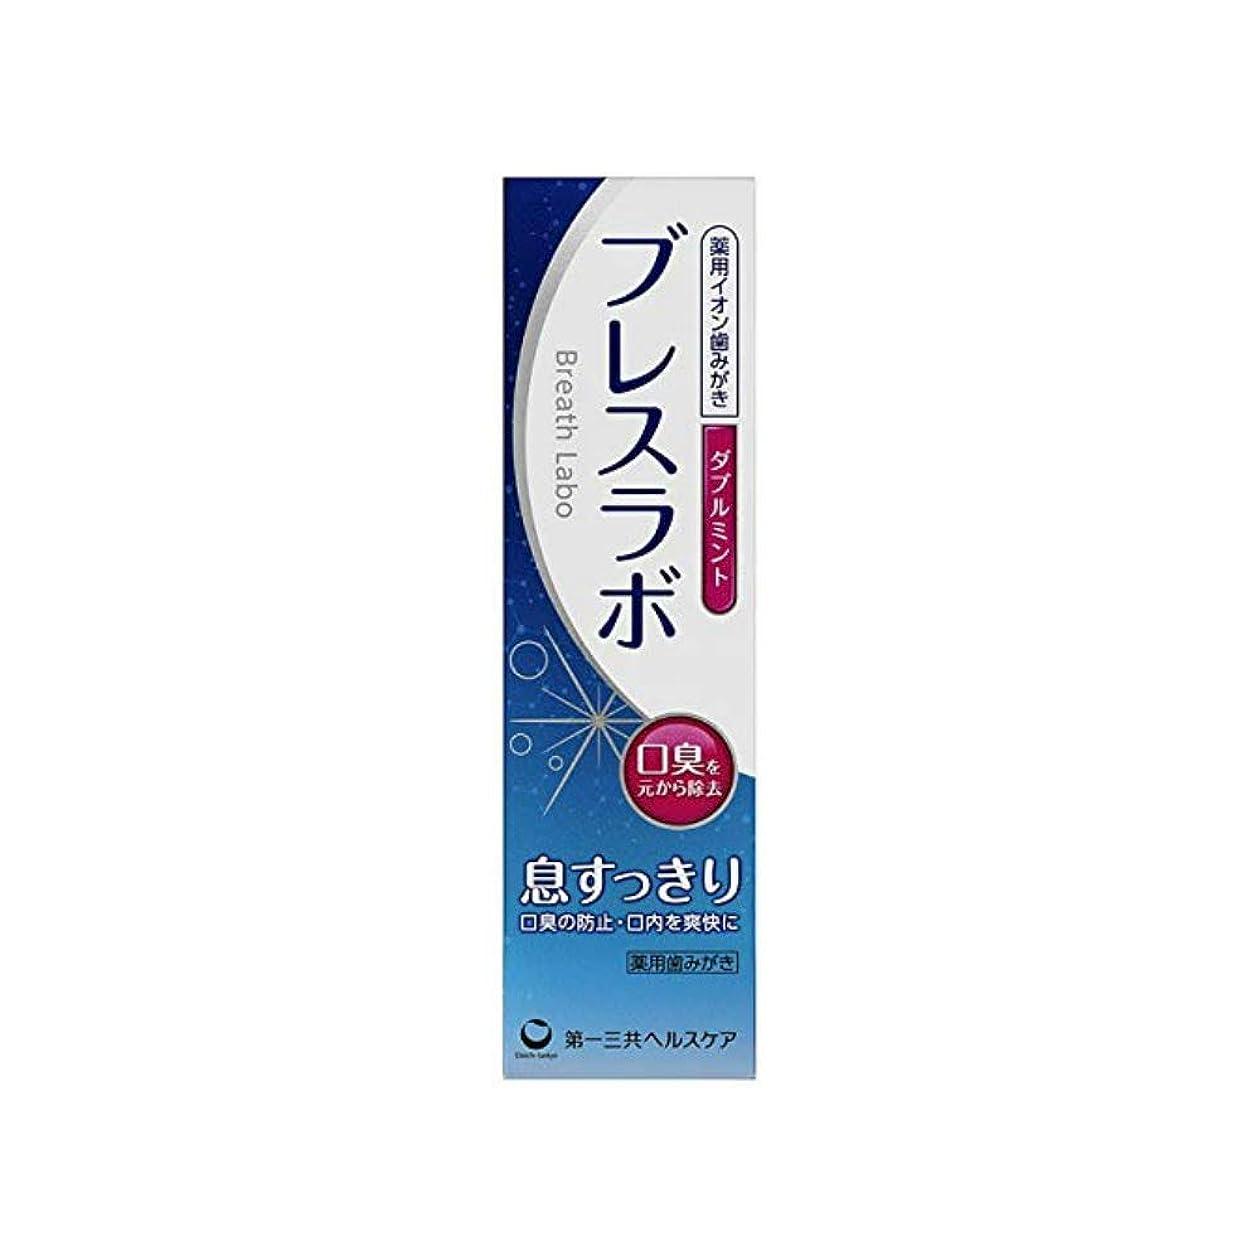 【6個セット】ブレスラボ ダブルミント 90g